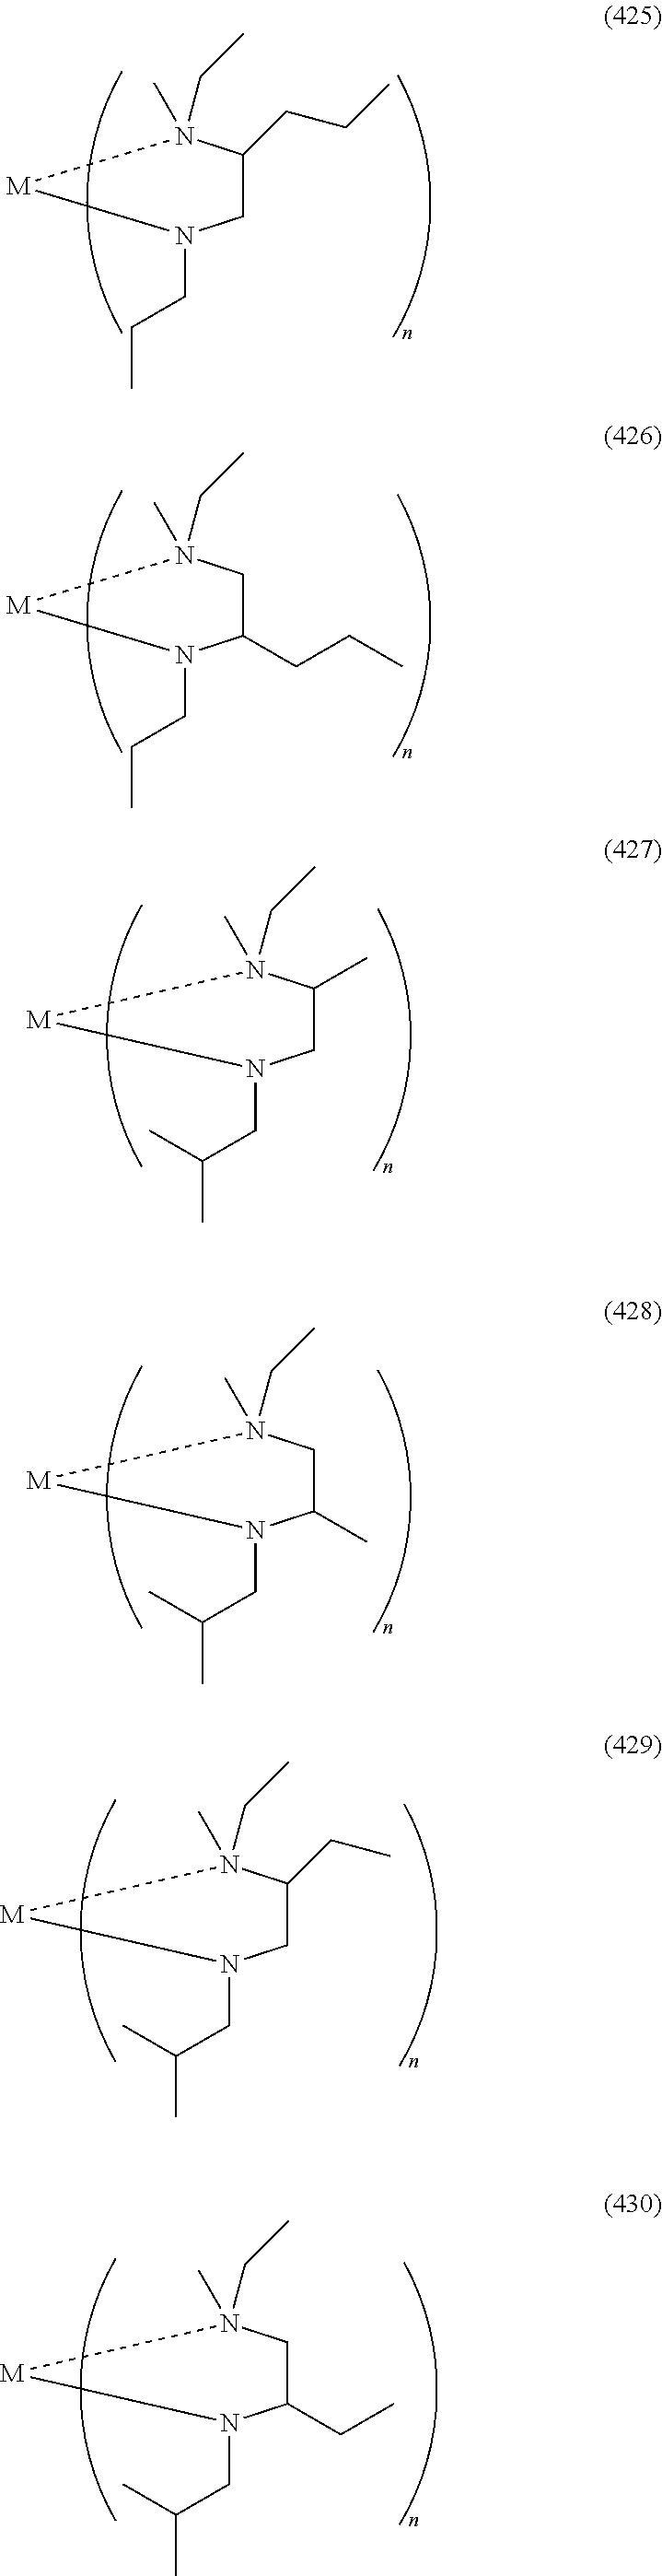 Figure US08871304-20141028-C00080